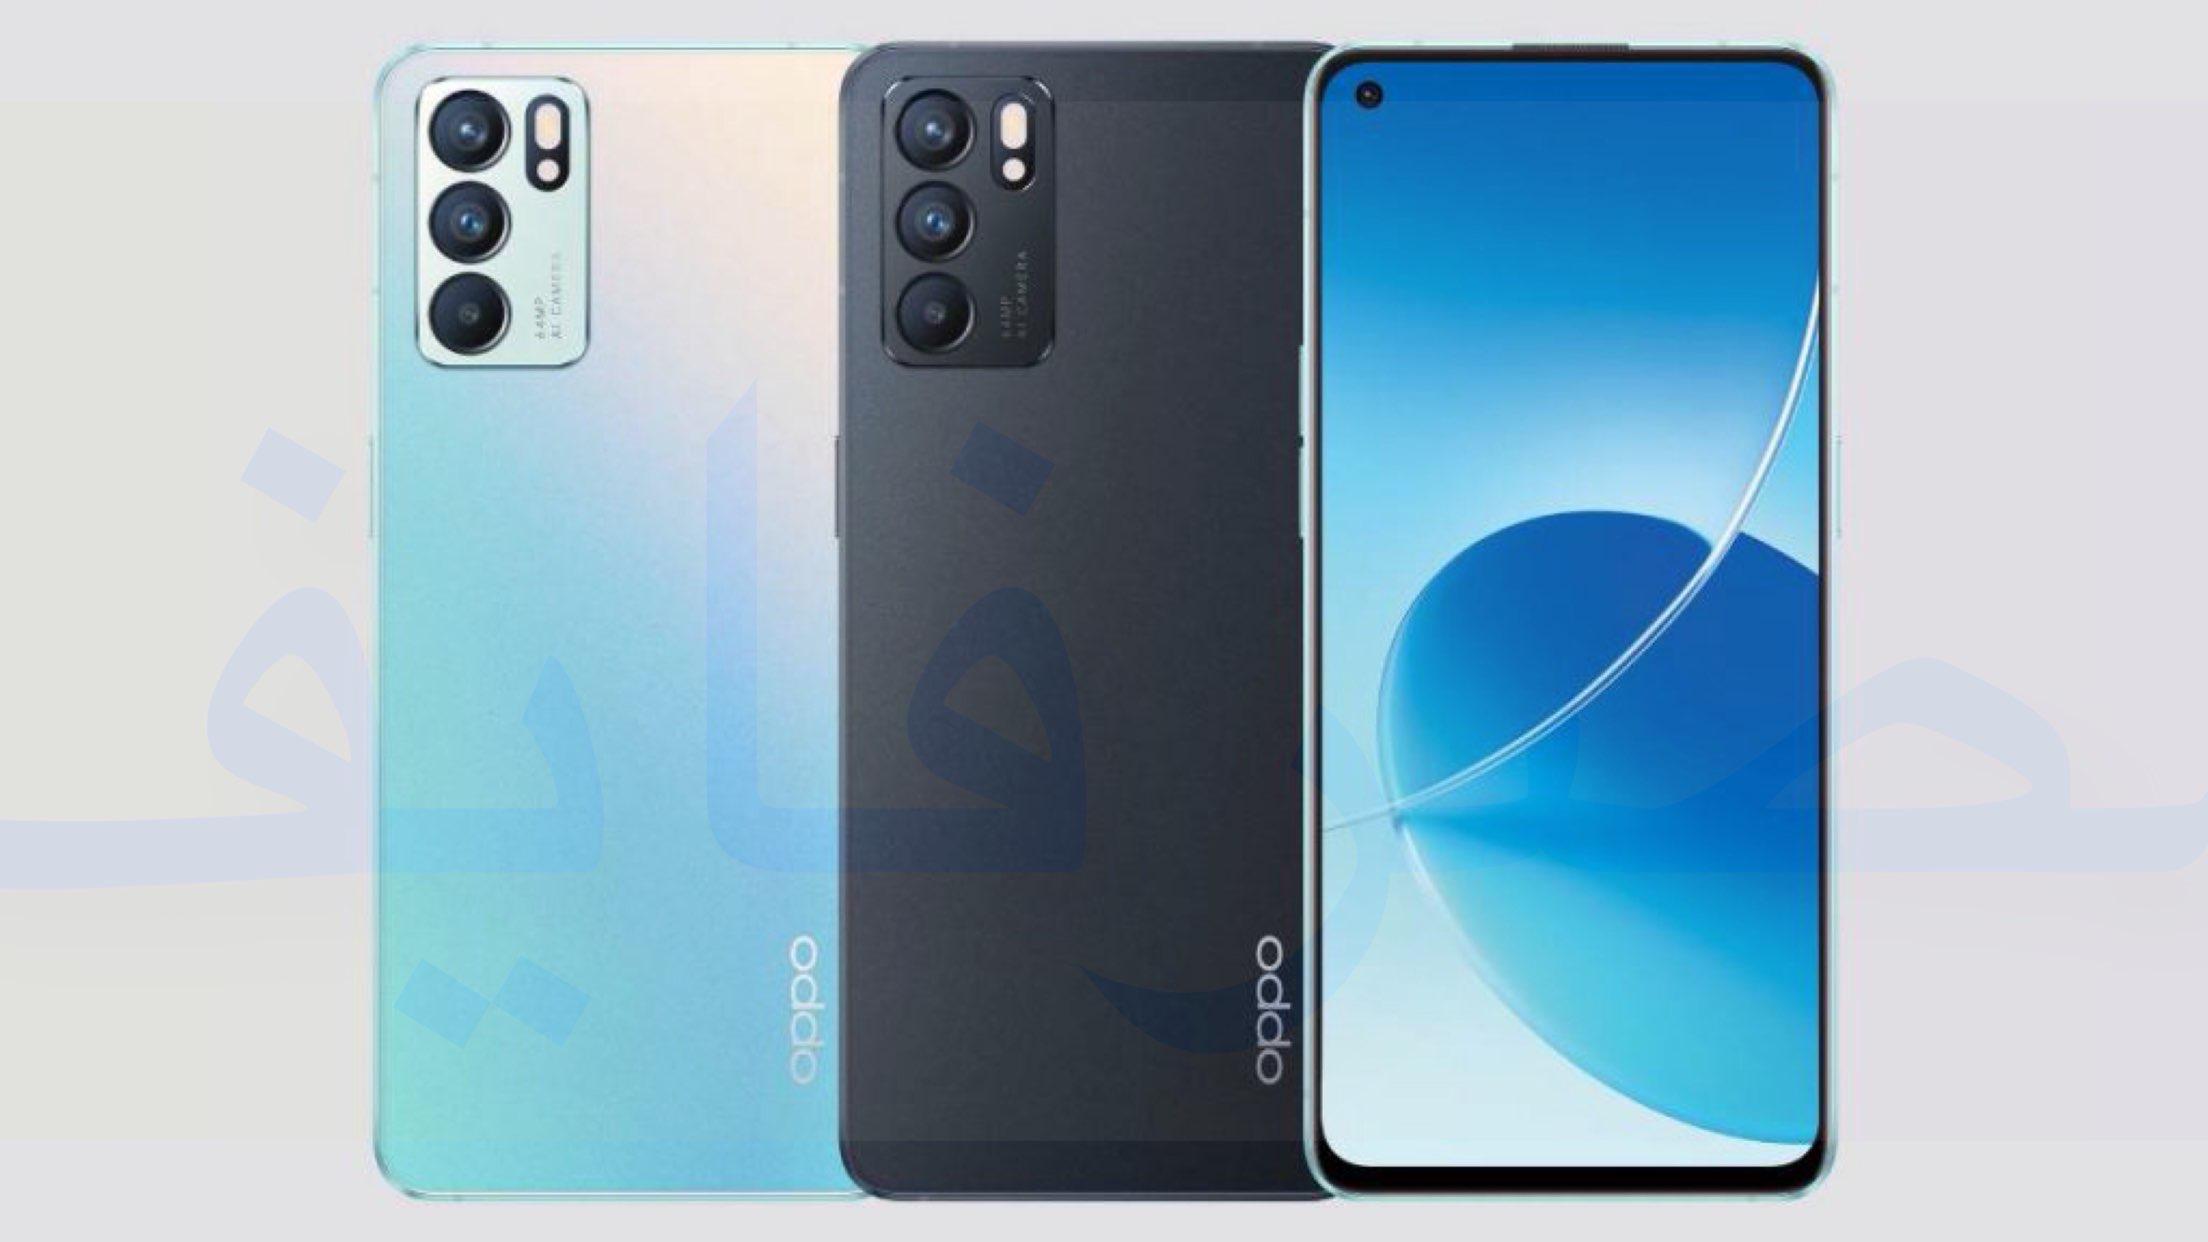 سعر ومواصفات Oppo Reno 6 5g أحدث أجيال هواتف اوبو رينو 2021